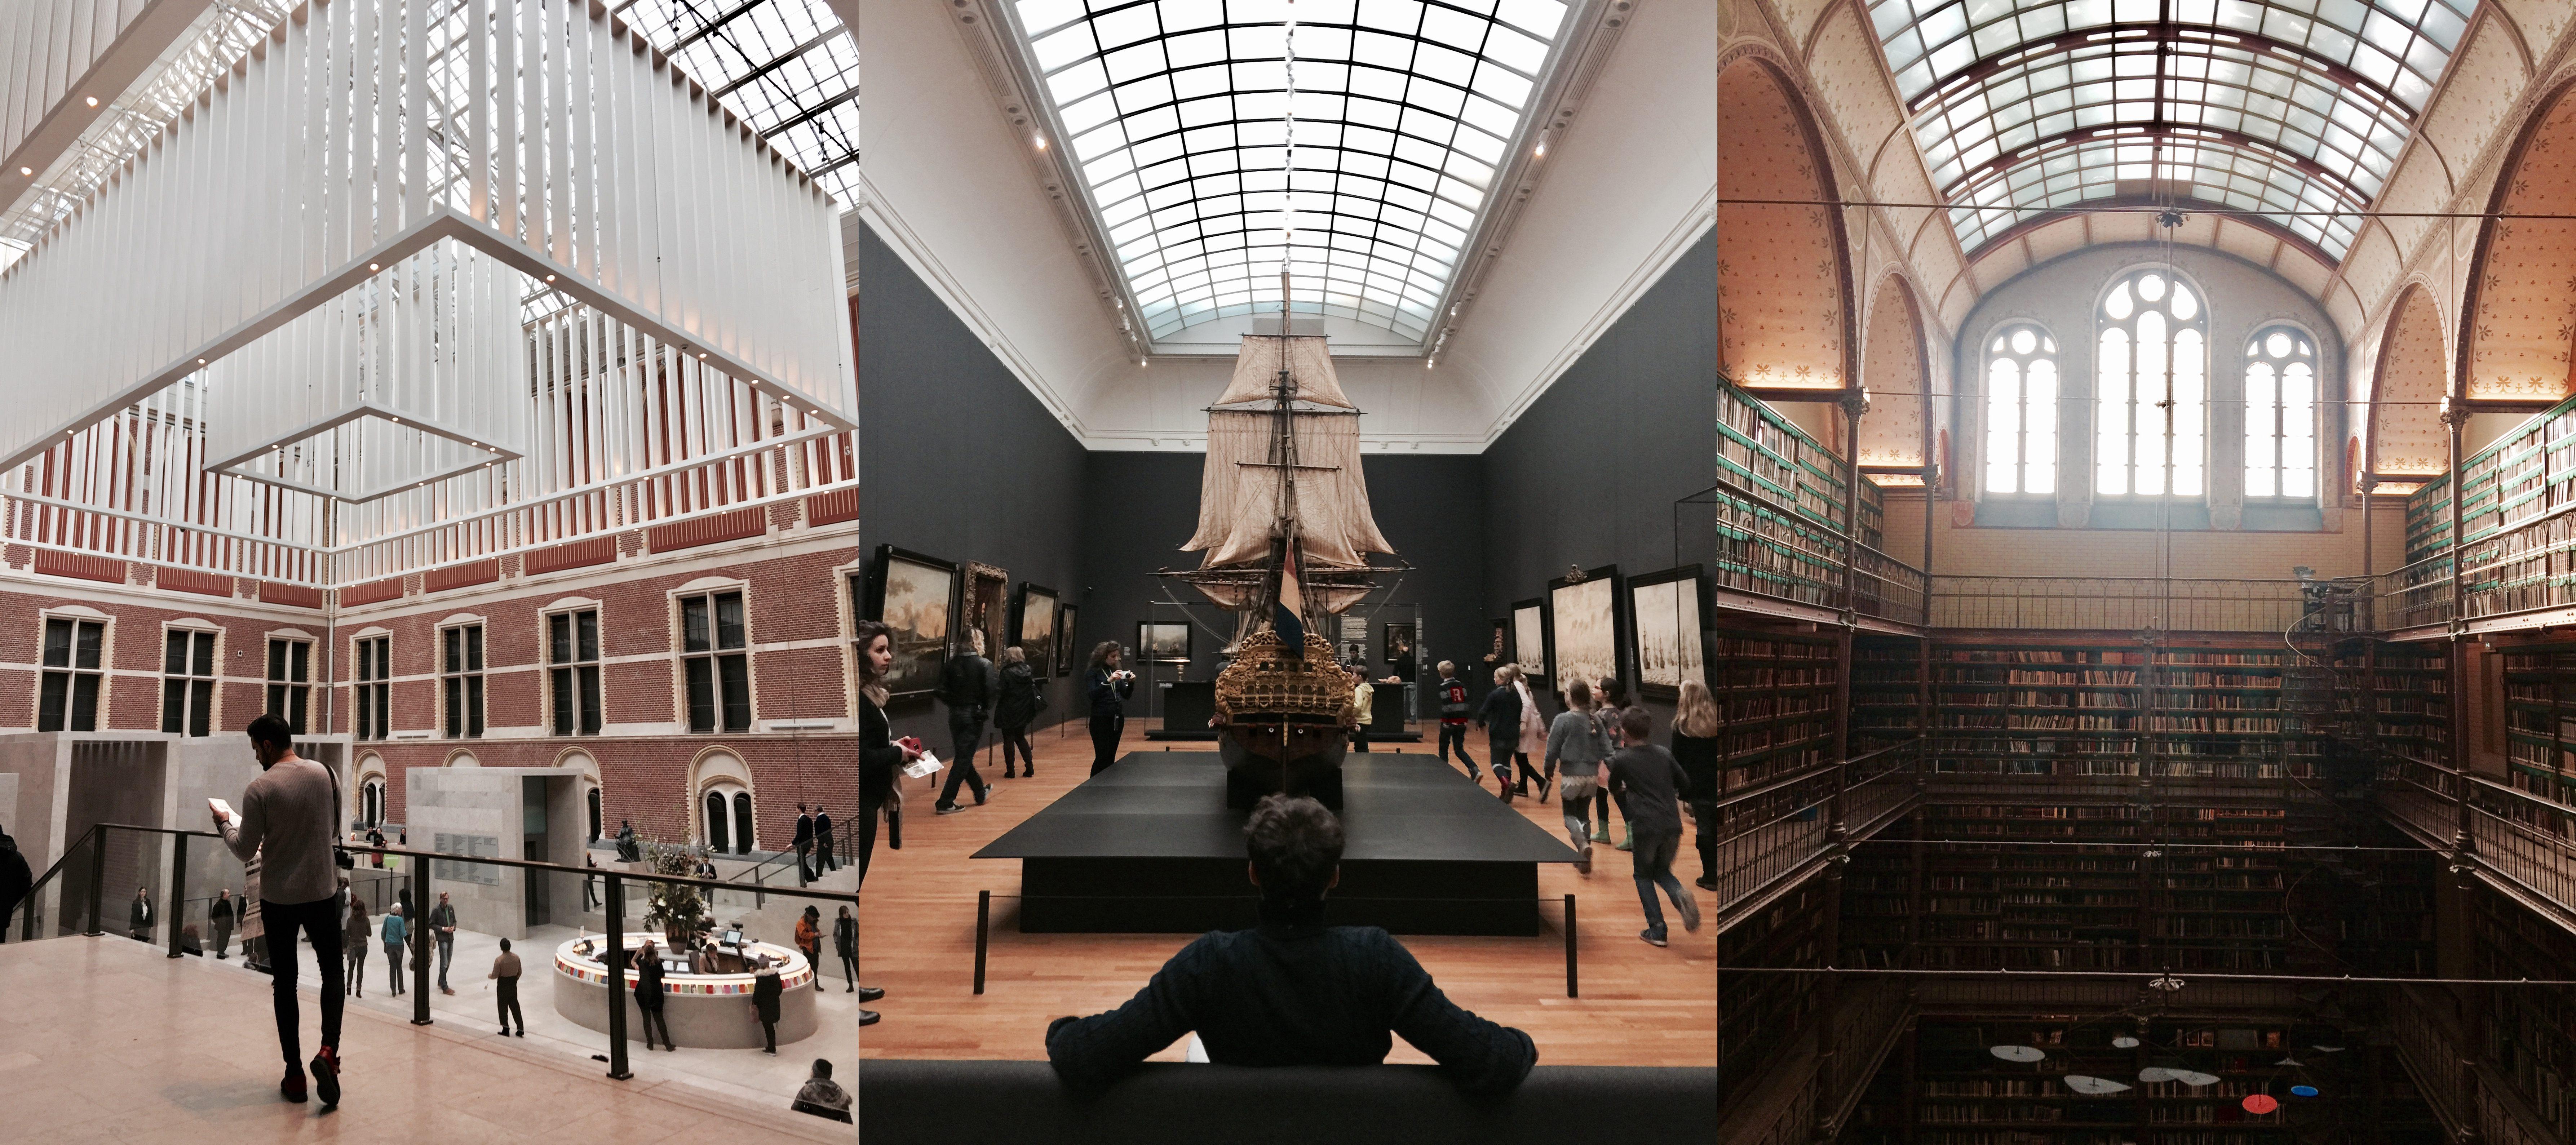 Rijk Museum Amsterdam Interior